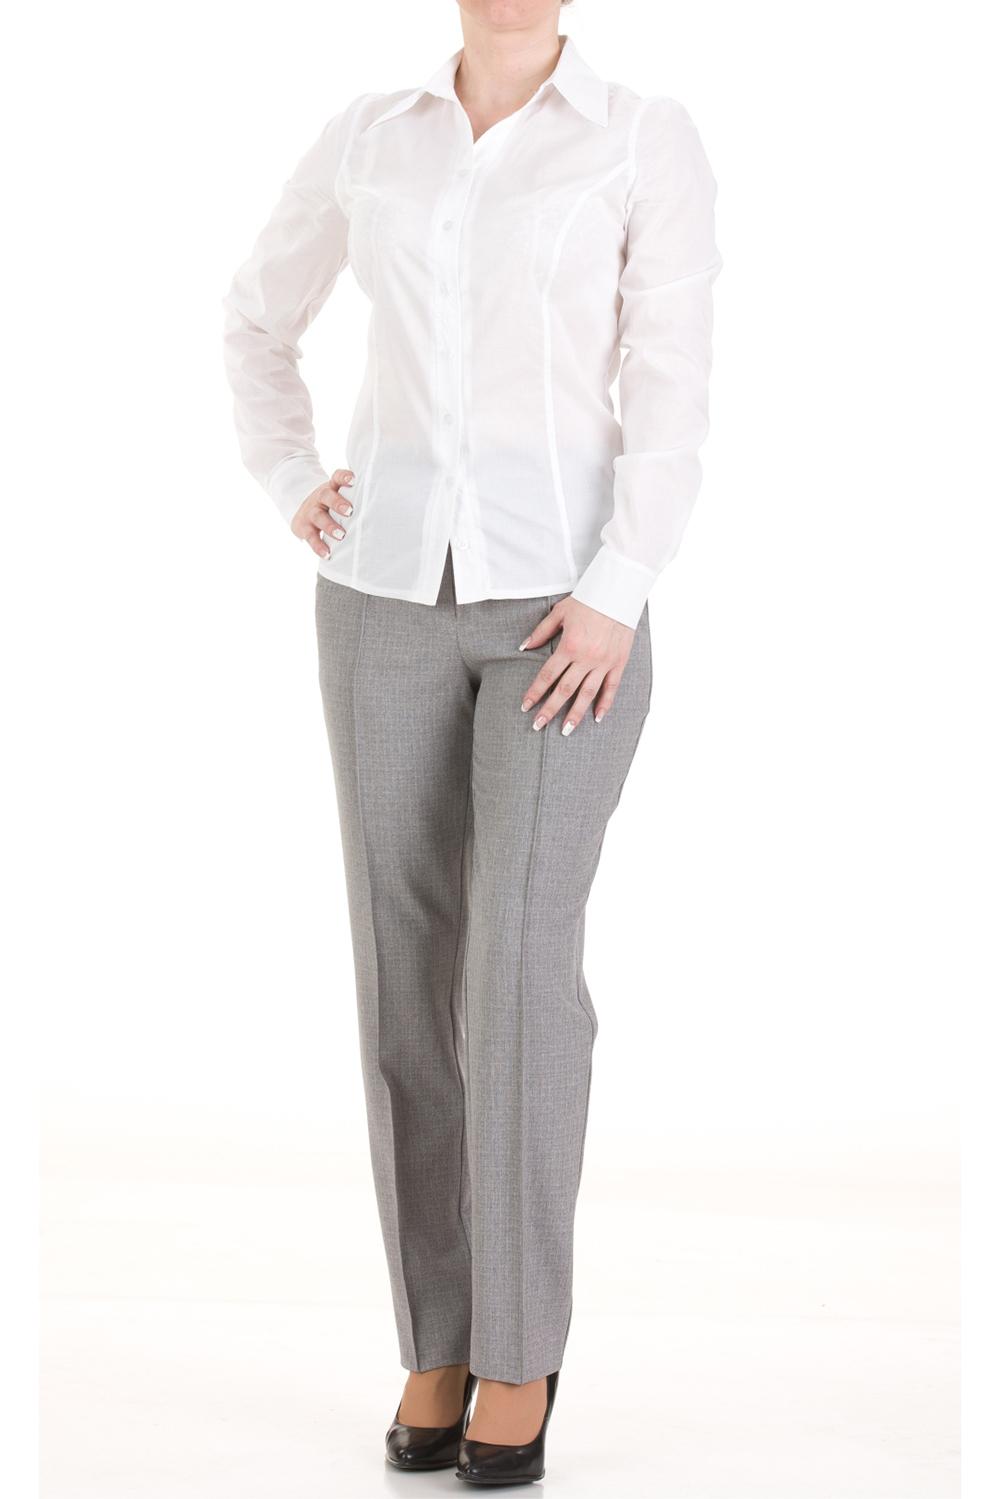 РубашкаРубашки<br>Классическая рубашка с длинным рукавом, выполнена из тончайшего хлопка.Благодаря уникальным свойствам хлопка и отсутствию синтетических примесей в ткани изделия, рубашка обладает отличной гигроскопичностью и дышащими свойствами.Не прилипает к телу и создает оптимальный микроклимат в течение всего дня.V – образный вырез воротника удлиняет зрительно рост.В изделии использованы цвета: белыйРостовка изделия 170 см.Параметры размеров:44 размер - обхват груди 88 см., обхват талии (брюки) 77 см., обхват талии (юбки) 70 см., обхват бедер 96 см.46 размер - обхват груди 92 см., обхват талии (брюки) 81 см., обхват талии (юбки) 74 см., обхват бедер 100 см.48 размер - обхват груди 96 см., обхват талии (брюки) 85 см., обхват талии (юбки) 78 см., обхват бедер 104 см.50 размер - обхват груди 100 см., обхват талии (брюки) 89 см., обхват талии (юбки) 82 см., обхват бедер 108 см.52 размер - обхват груди 104 см., обхват талии (брюки) 93 см., обхват талии (юбки) 86 см., обхват бедер 112 см.54 размер - обхват груди 108 см., обхват талии (брюки) 97 см., обхват талии (юбки) 90 см., обхват бедер 116 см.56 размер - обхват груди 112 см., обхват талии (брюки) 101 см., обхват талии (юбки) 94 см., обхват бедер 120 см.58 размер - обхват груди 116 см., обхват талии (брюки) 105 см., обхват талии (юбки) 98 см., обхват бедер 124 см.60 размер - обхват груди 120 см., обхват талии (брюки) 109 см., обхват талии (юбки) 102 см., обхват бедер 128 см.62 размер - обхват груди 124 см., обхват талии (брюки) 113 см., обхват талии (юбки) 106 см., обхват бедер 132 см.64 размер - обхват груди 128 см., обхват талии  (брюки) 117 см., обхват талии (юбки) 110 см., обхват бедер 136 см.<br><br>Горловина: V- горловина<br>Застежка: С пуговицами<br>Рукав: Длинный рукав<br>Материал: Хлопок<br>Рисунок: Однотонные<br>Сезон: Весна,Всесезон,Зима,Лето,Осень<br>Силуэт: Полуприталенные<br>Стиль: Классический стиль,Офисный стиль,Повседневный стиль<br>Элементы: С манжетами<br>Воротник: Стояче-отложной<br>Размер : 46